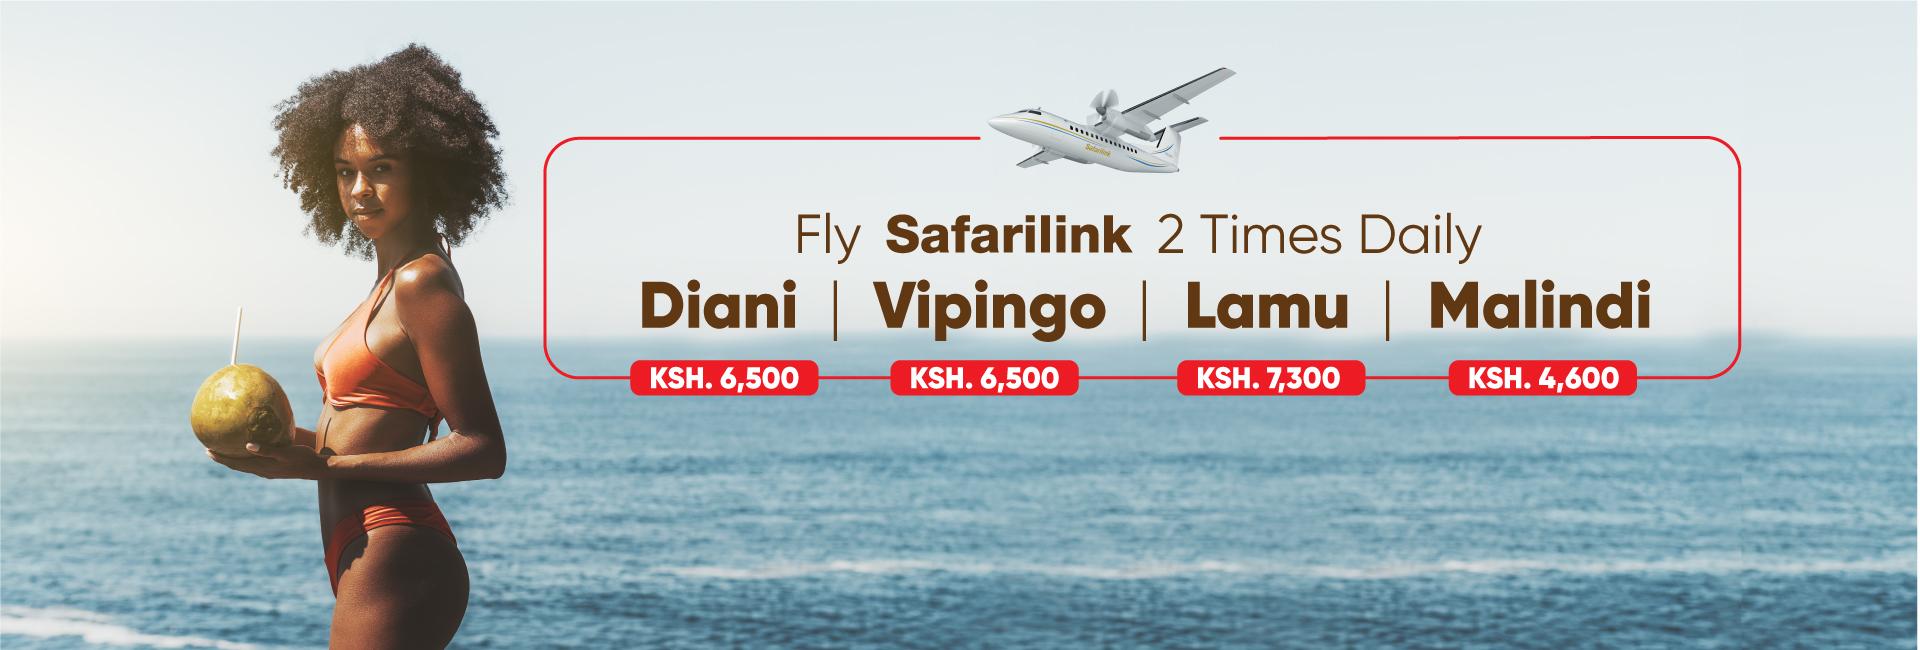 Fly Safarilink To the beach Website